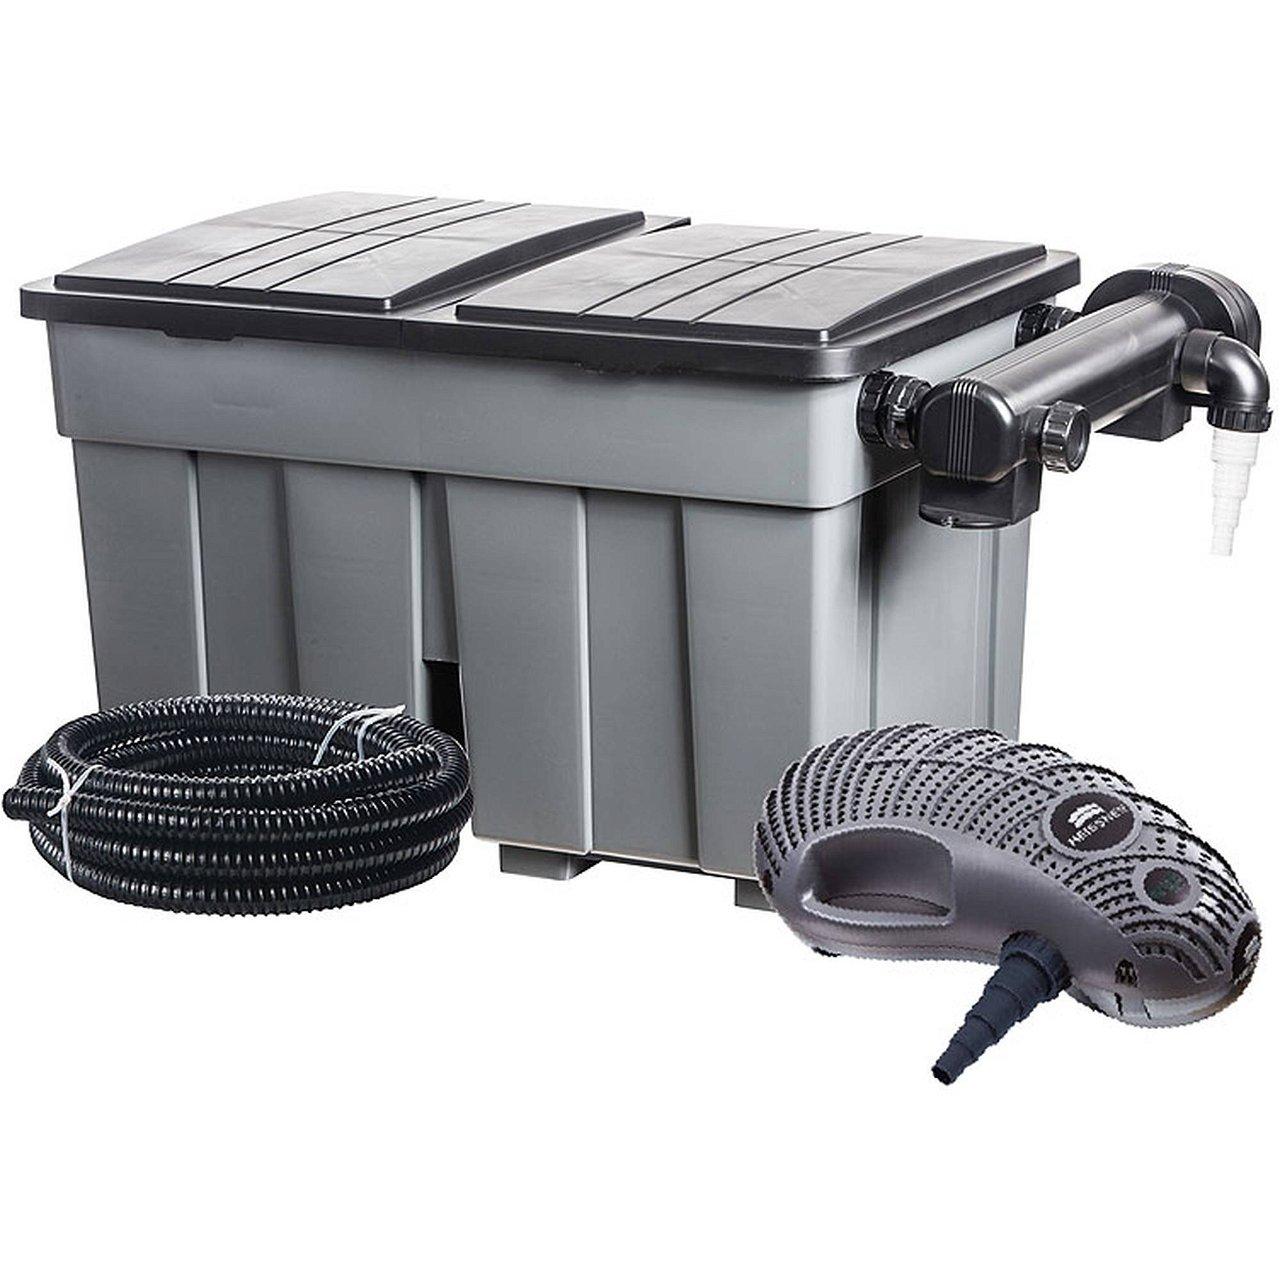 Heissner Mehrkammerfilter Set 36000 inkl. 36 Watt UV-C Teichklärer